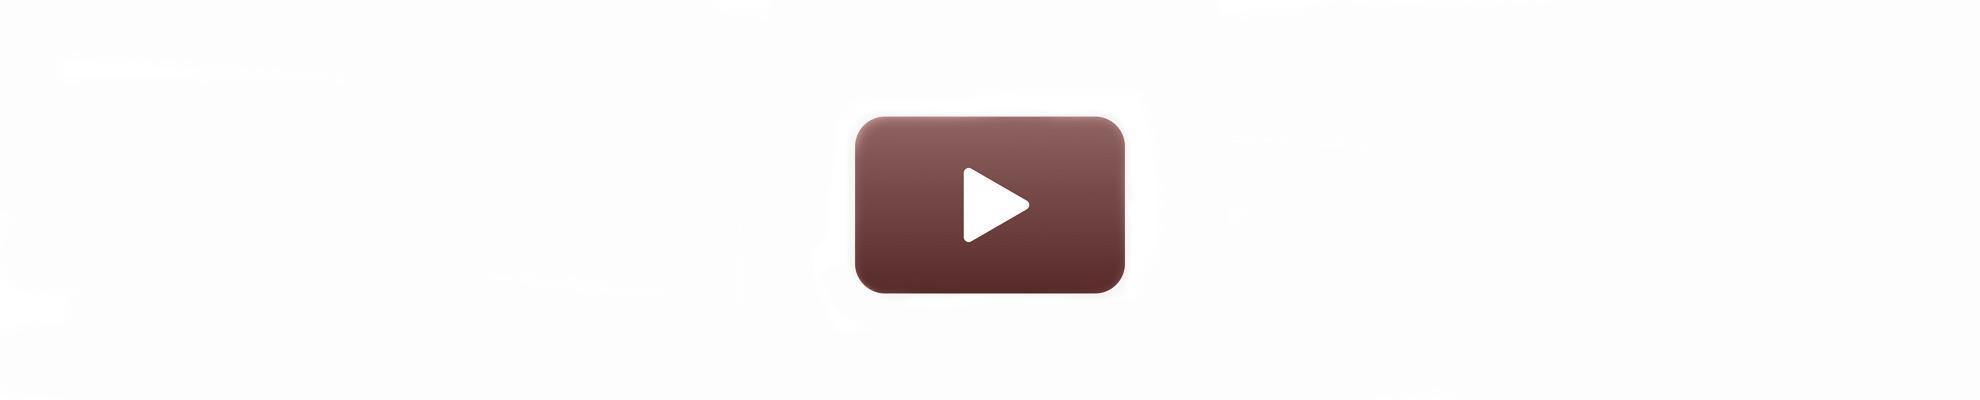 Videoarchiv_400_2-retro